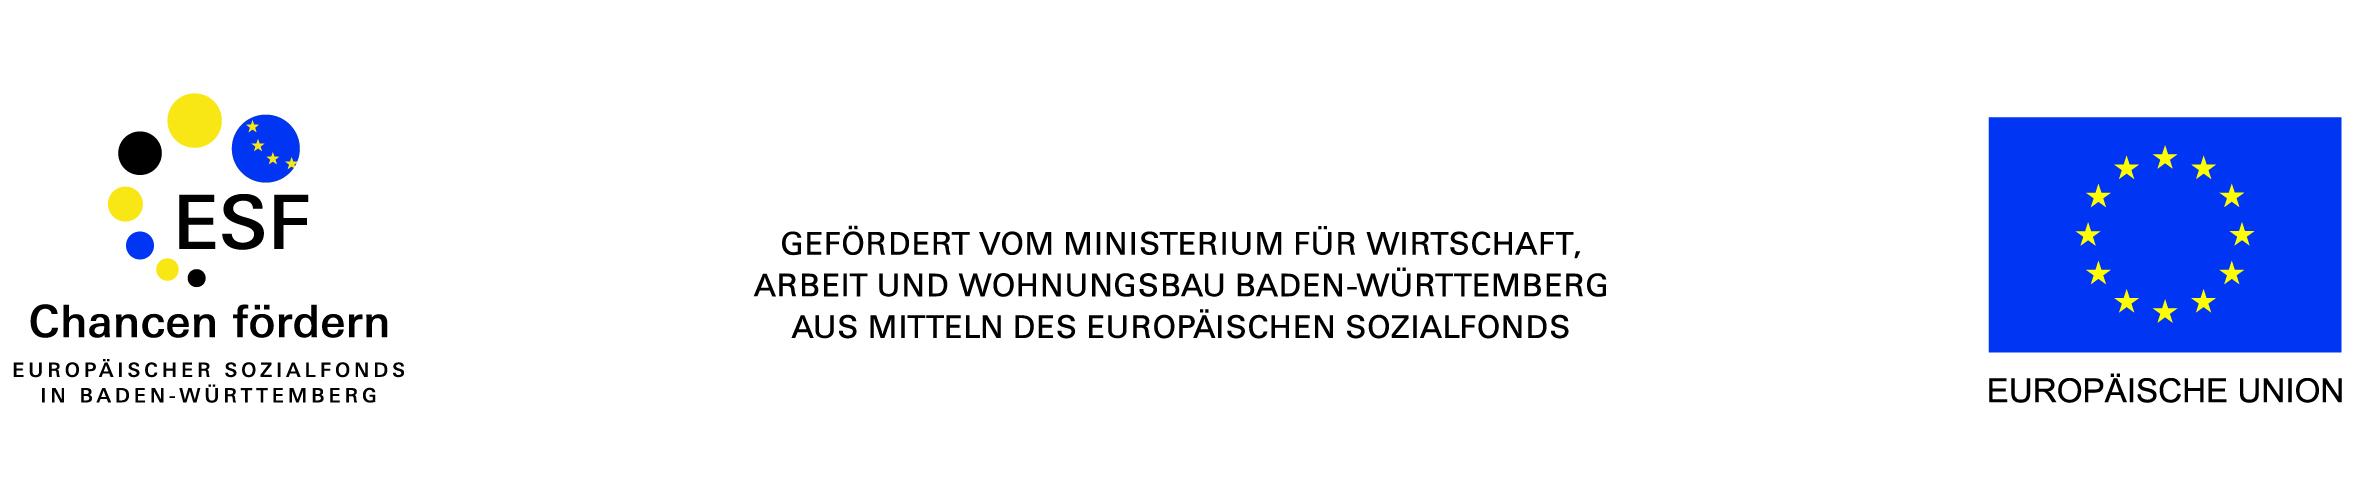 Seminare - Fortbildungsinstitut der Rechtsanwaltskammer Stuttgart GmbH